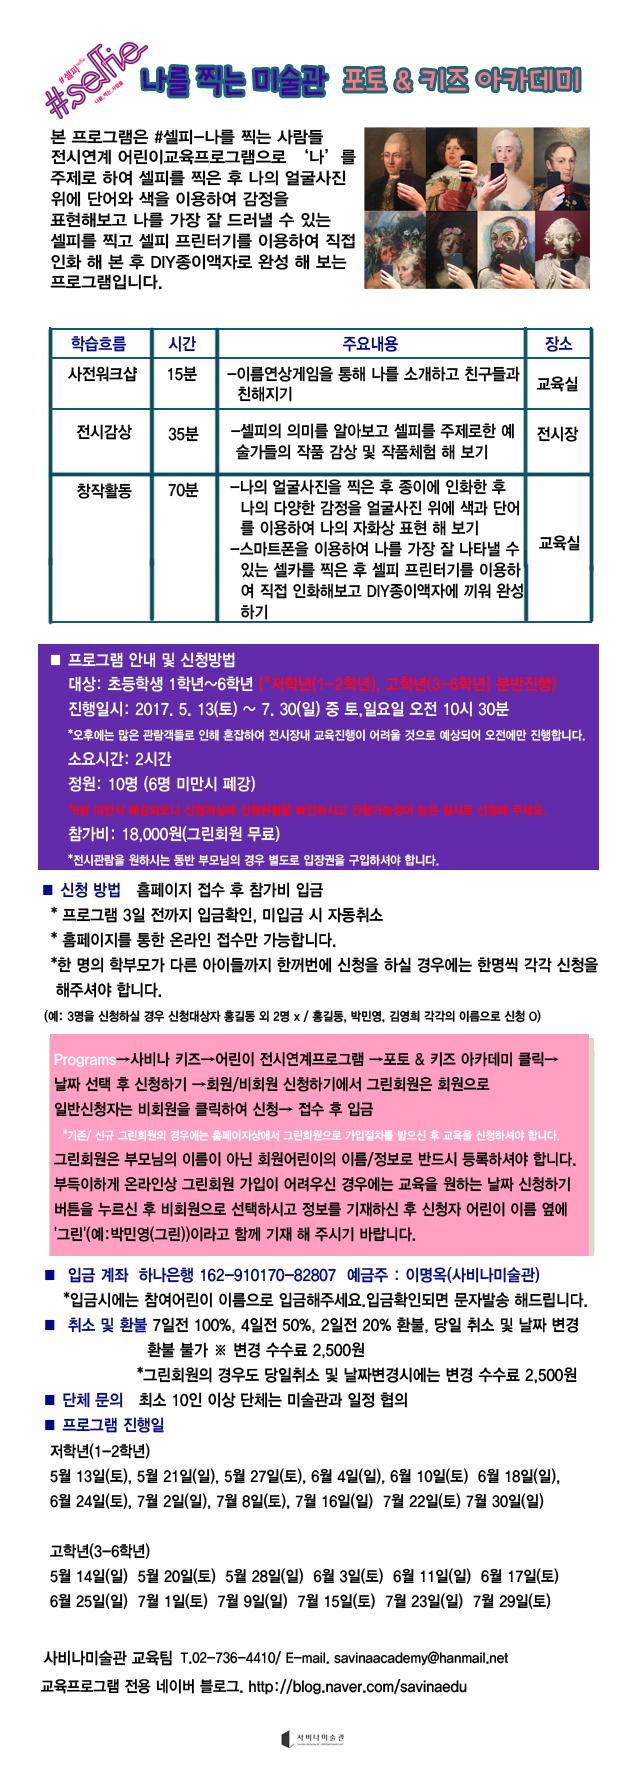 프로그램 홍보시안-포토앤키즈아카데미.jpg